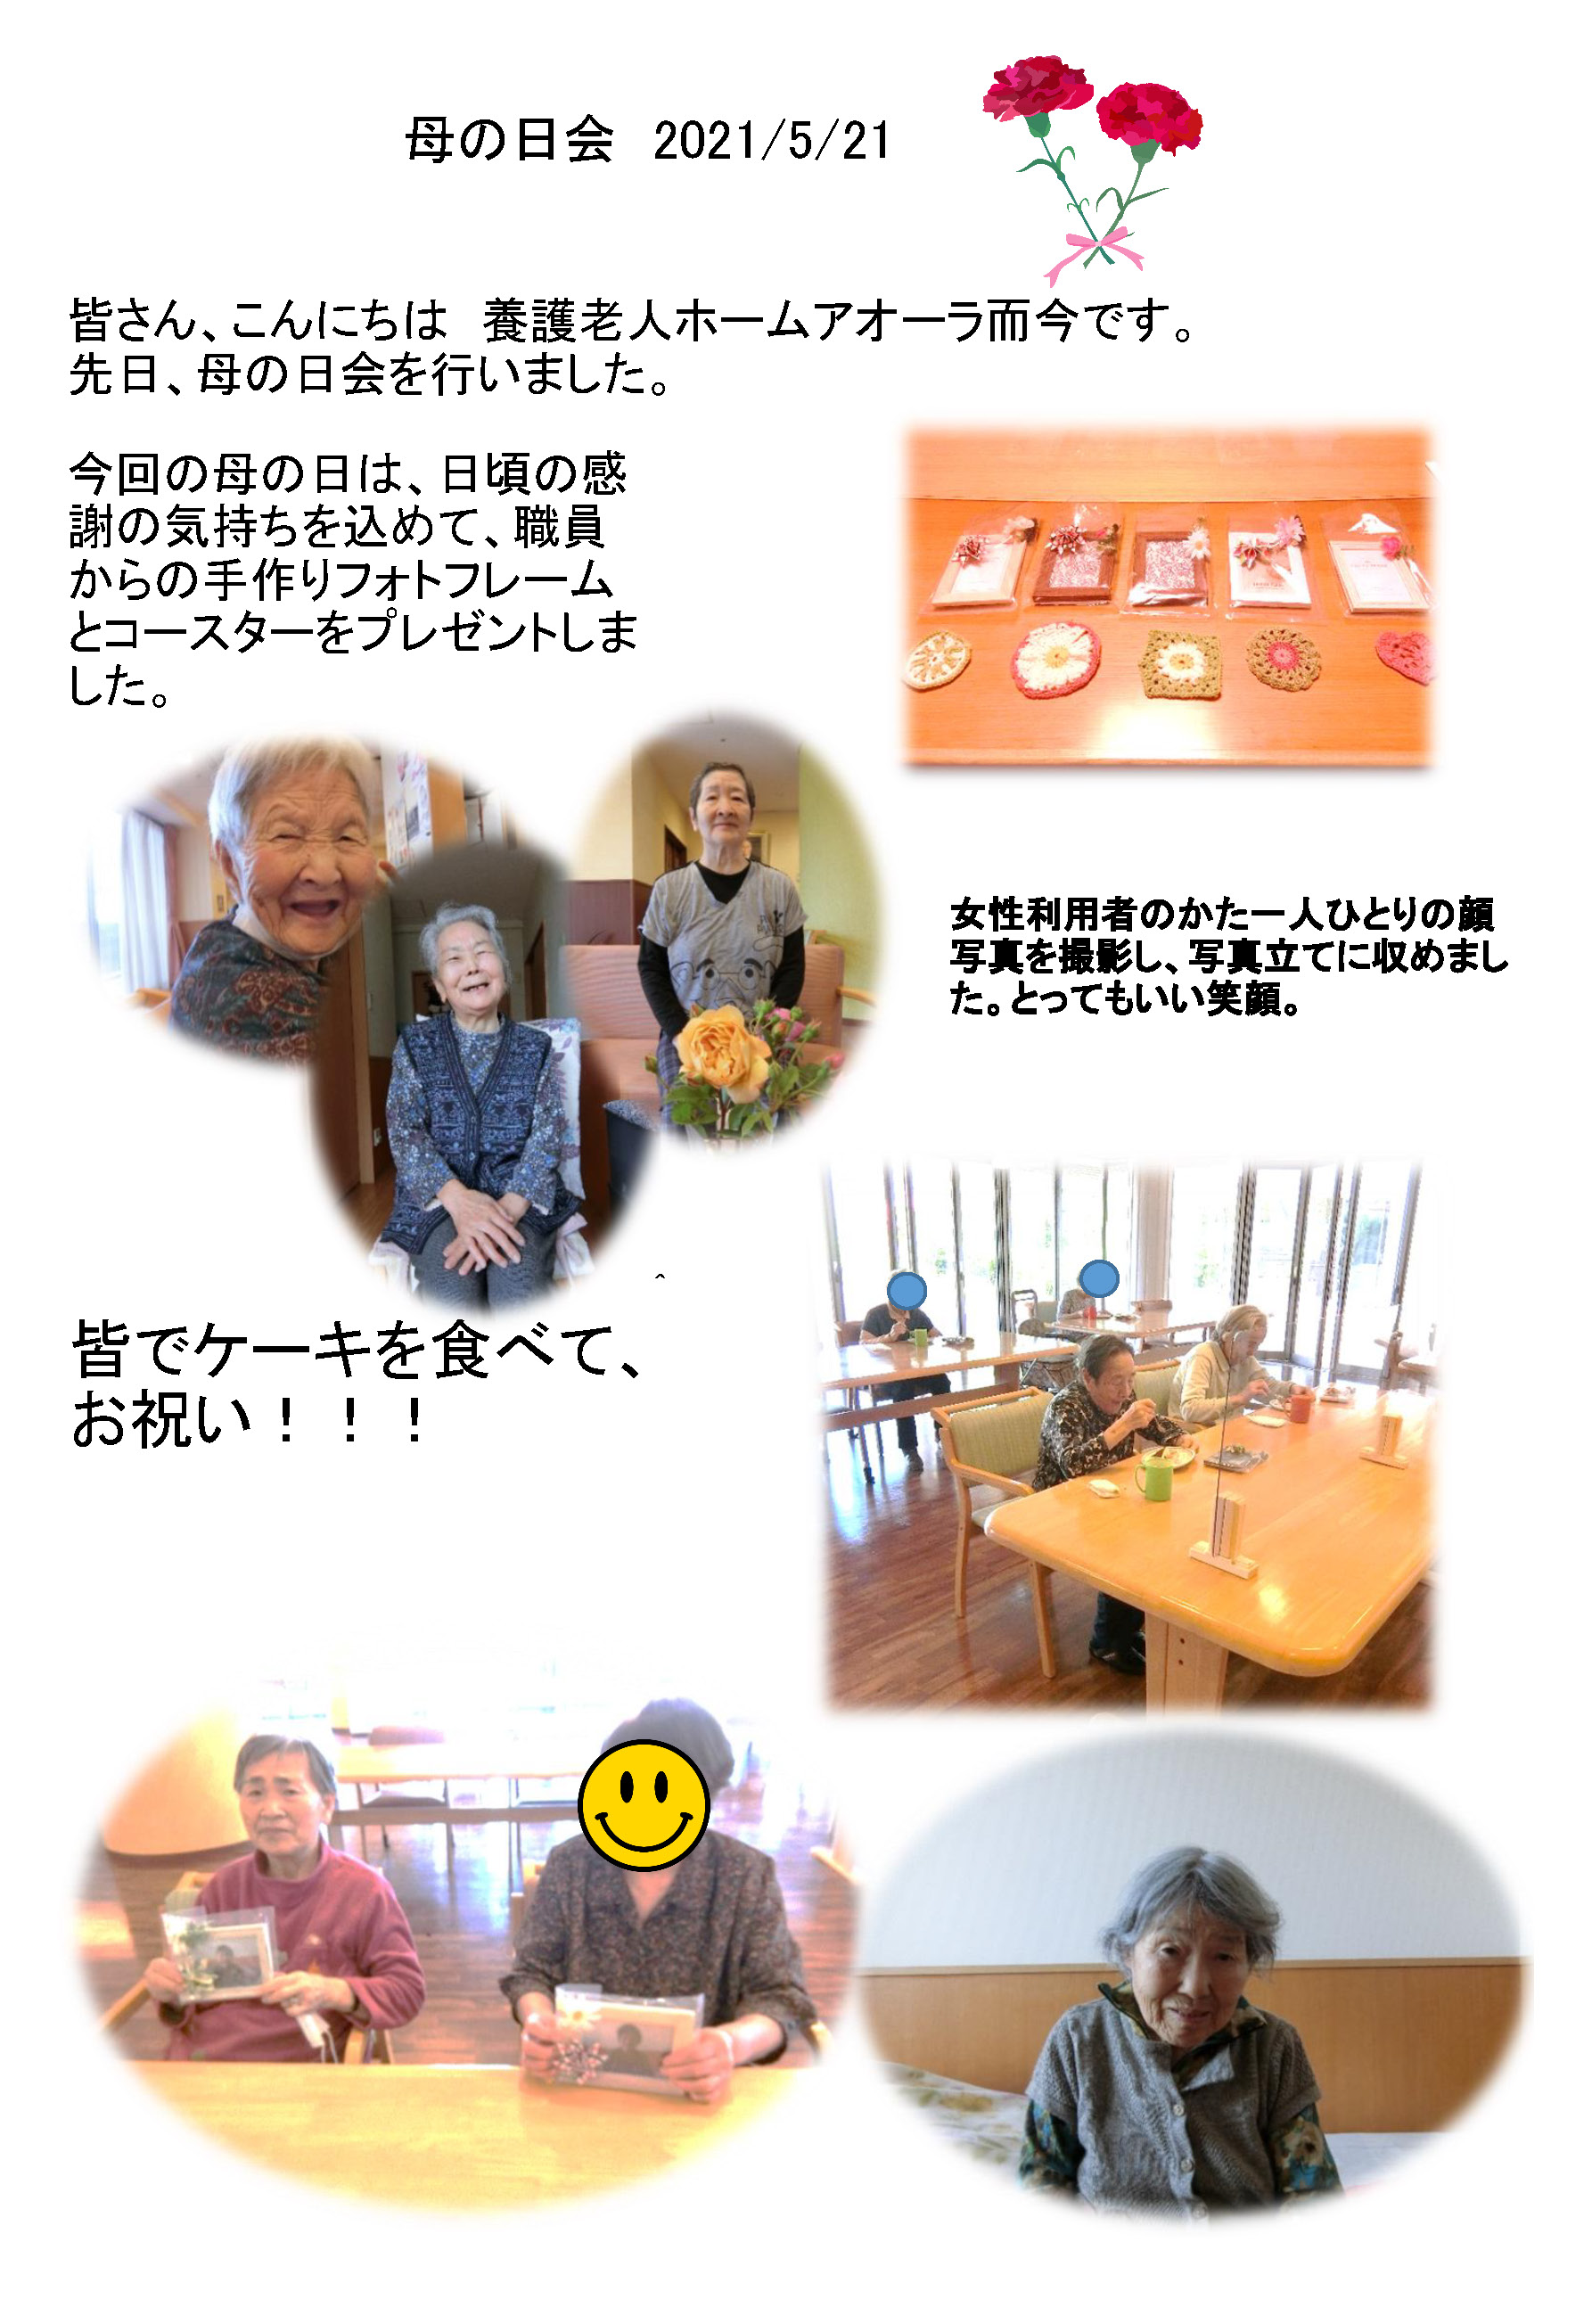 宇都宮市養護老人ホーム_ブログ、5月鯉のぼり